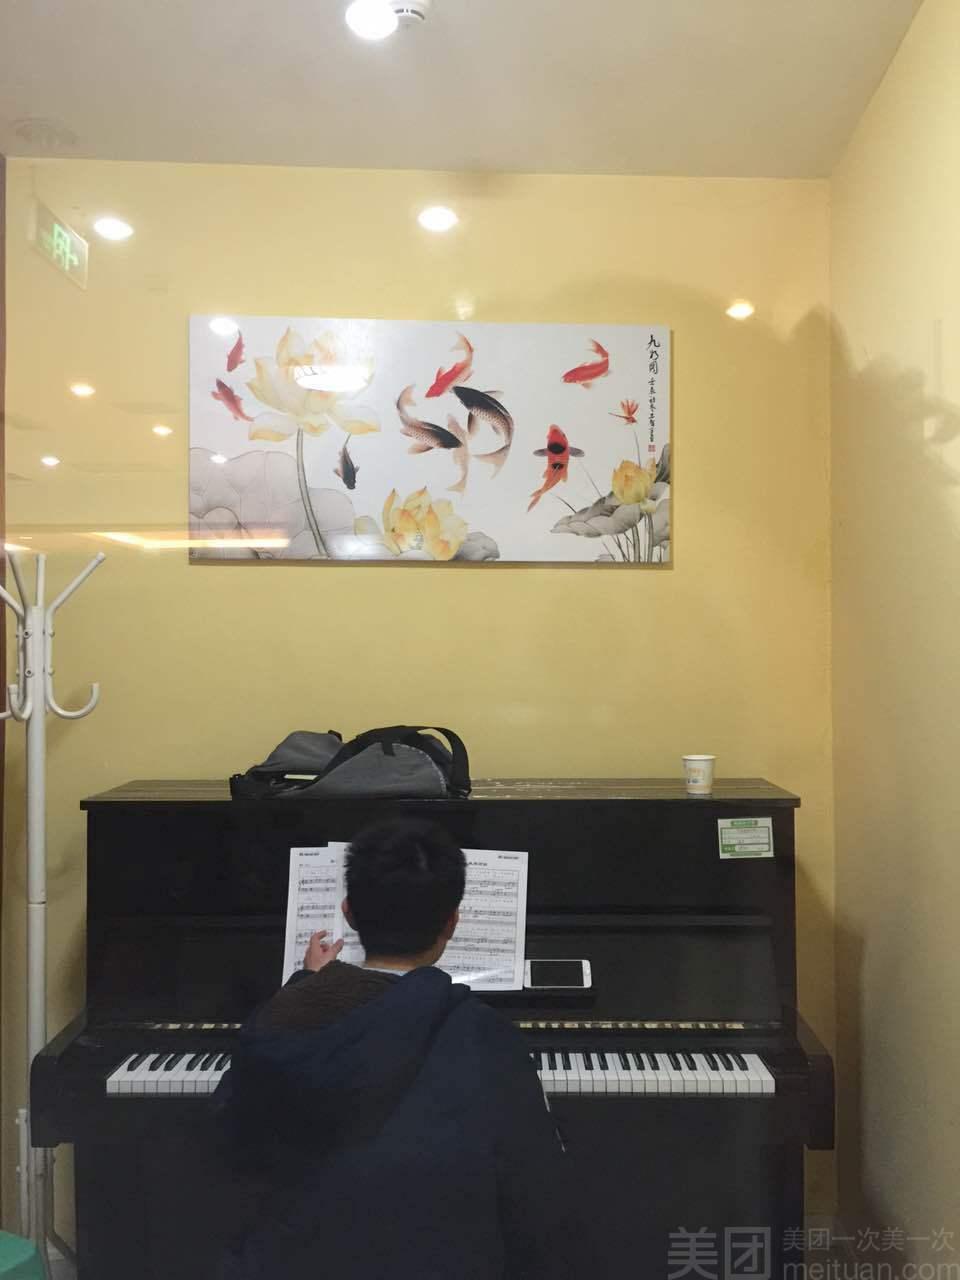 疯狂钢琴欢乐颂体验课程怎么样 团购疯狂钢琴欢乐颂体验课程 单人零